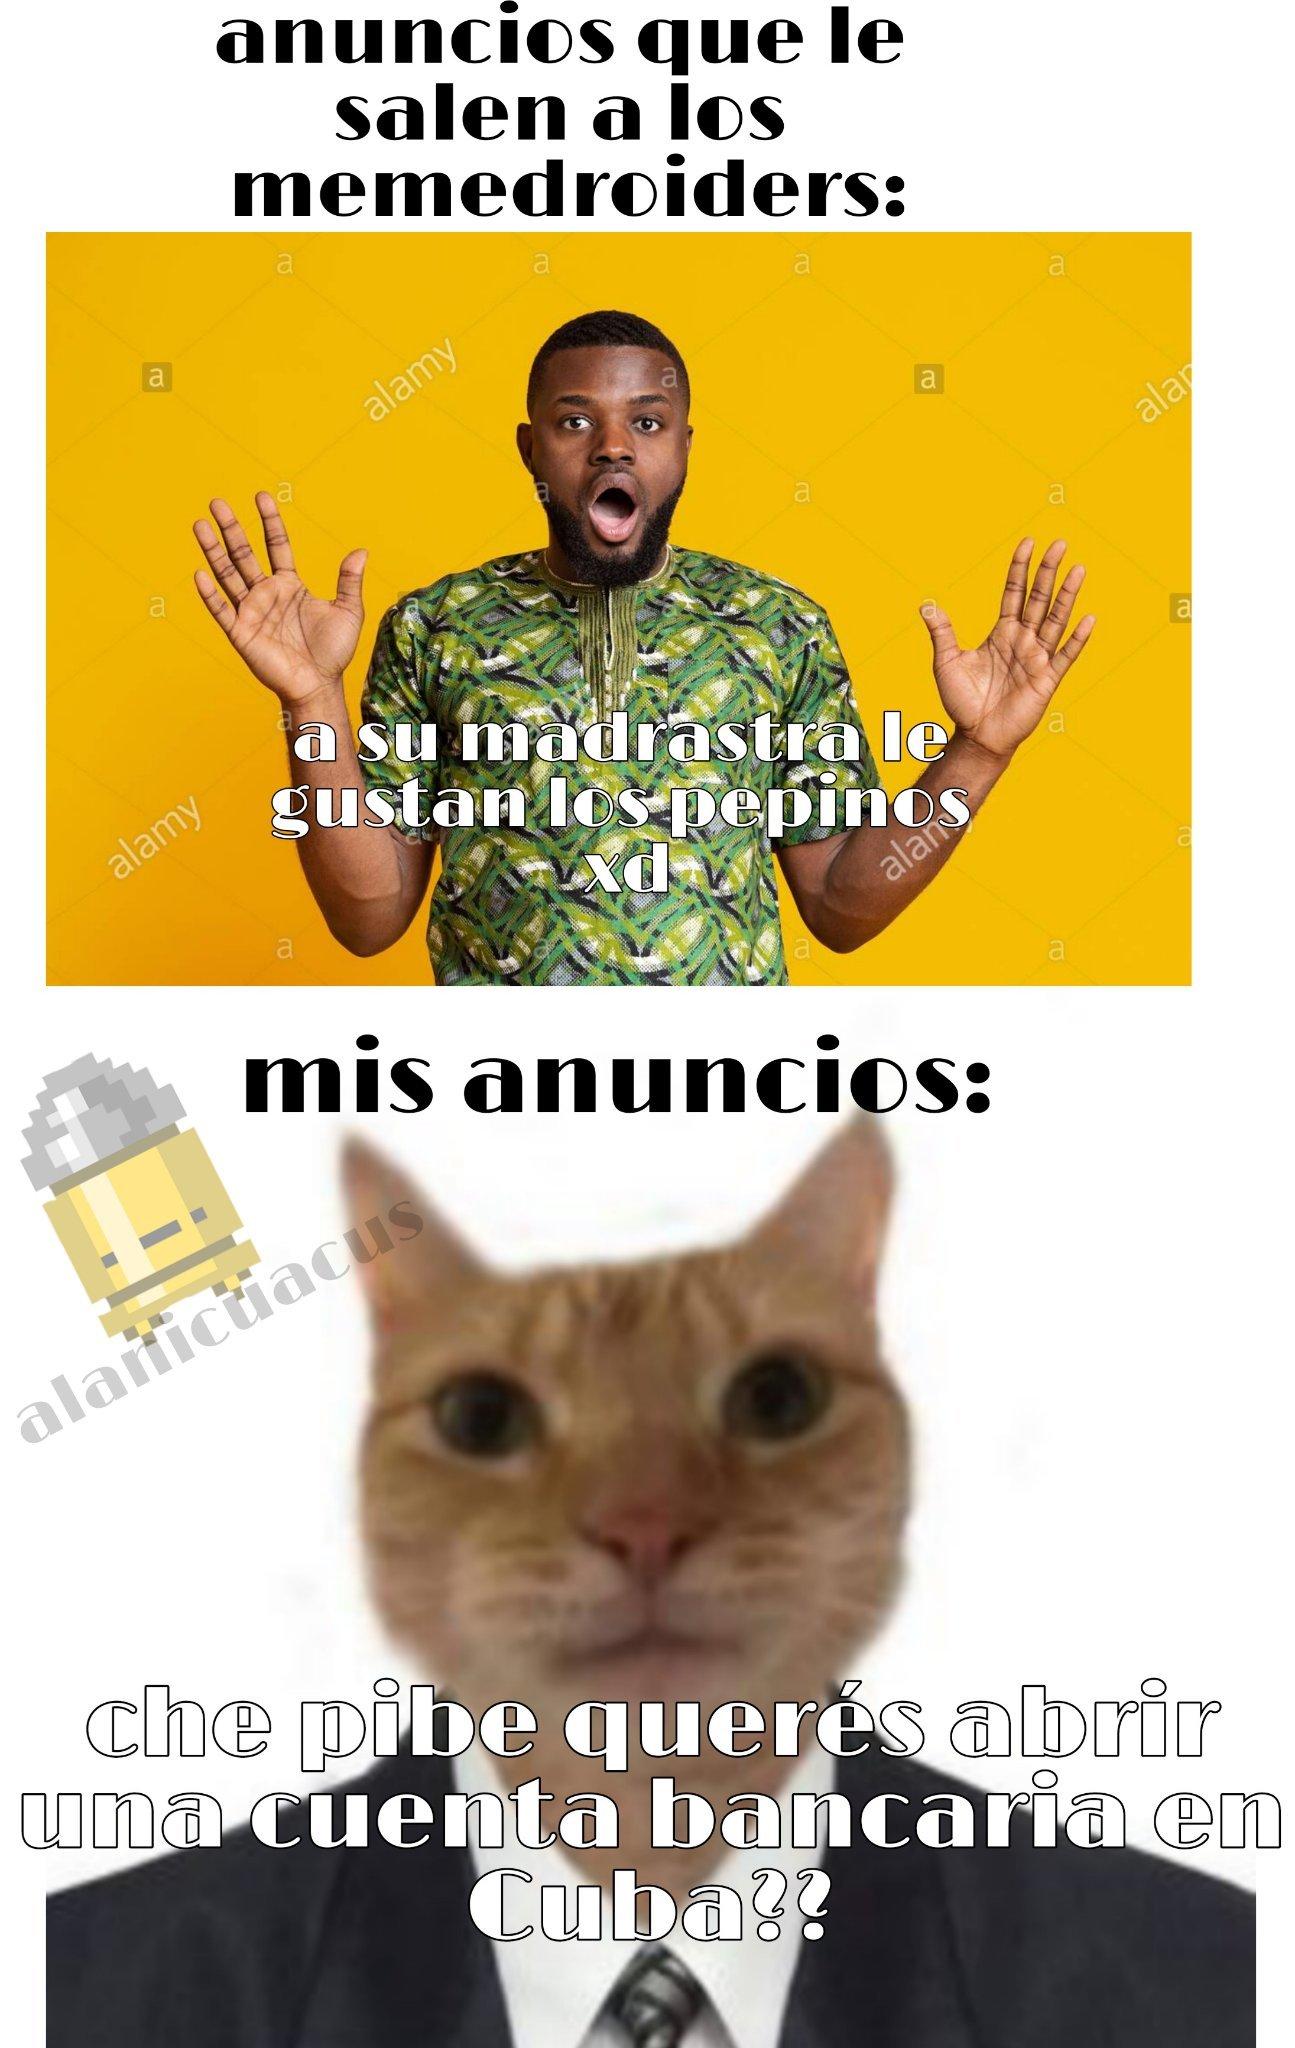 Ya les dije que no quiero abrir una cuenta de libros en Panamá - meme